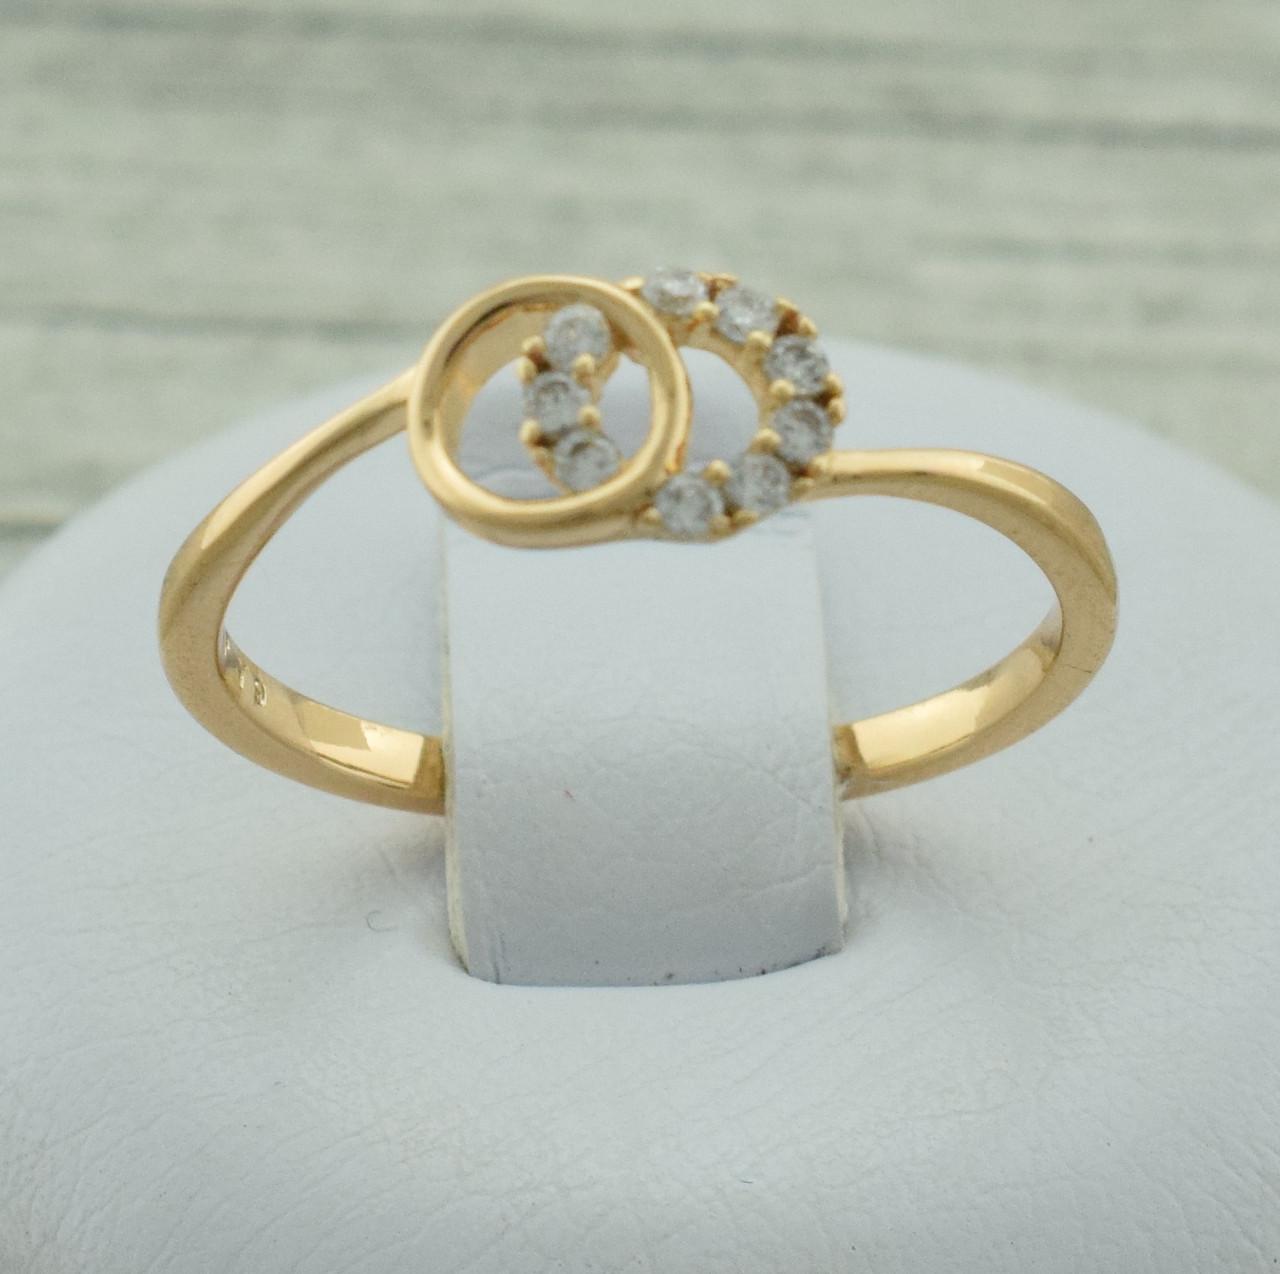 Кольцо Xuping 11458 размер 19 ширина 6 мм вес 1.3 г белые фианиты позолота 18К